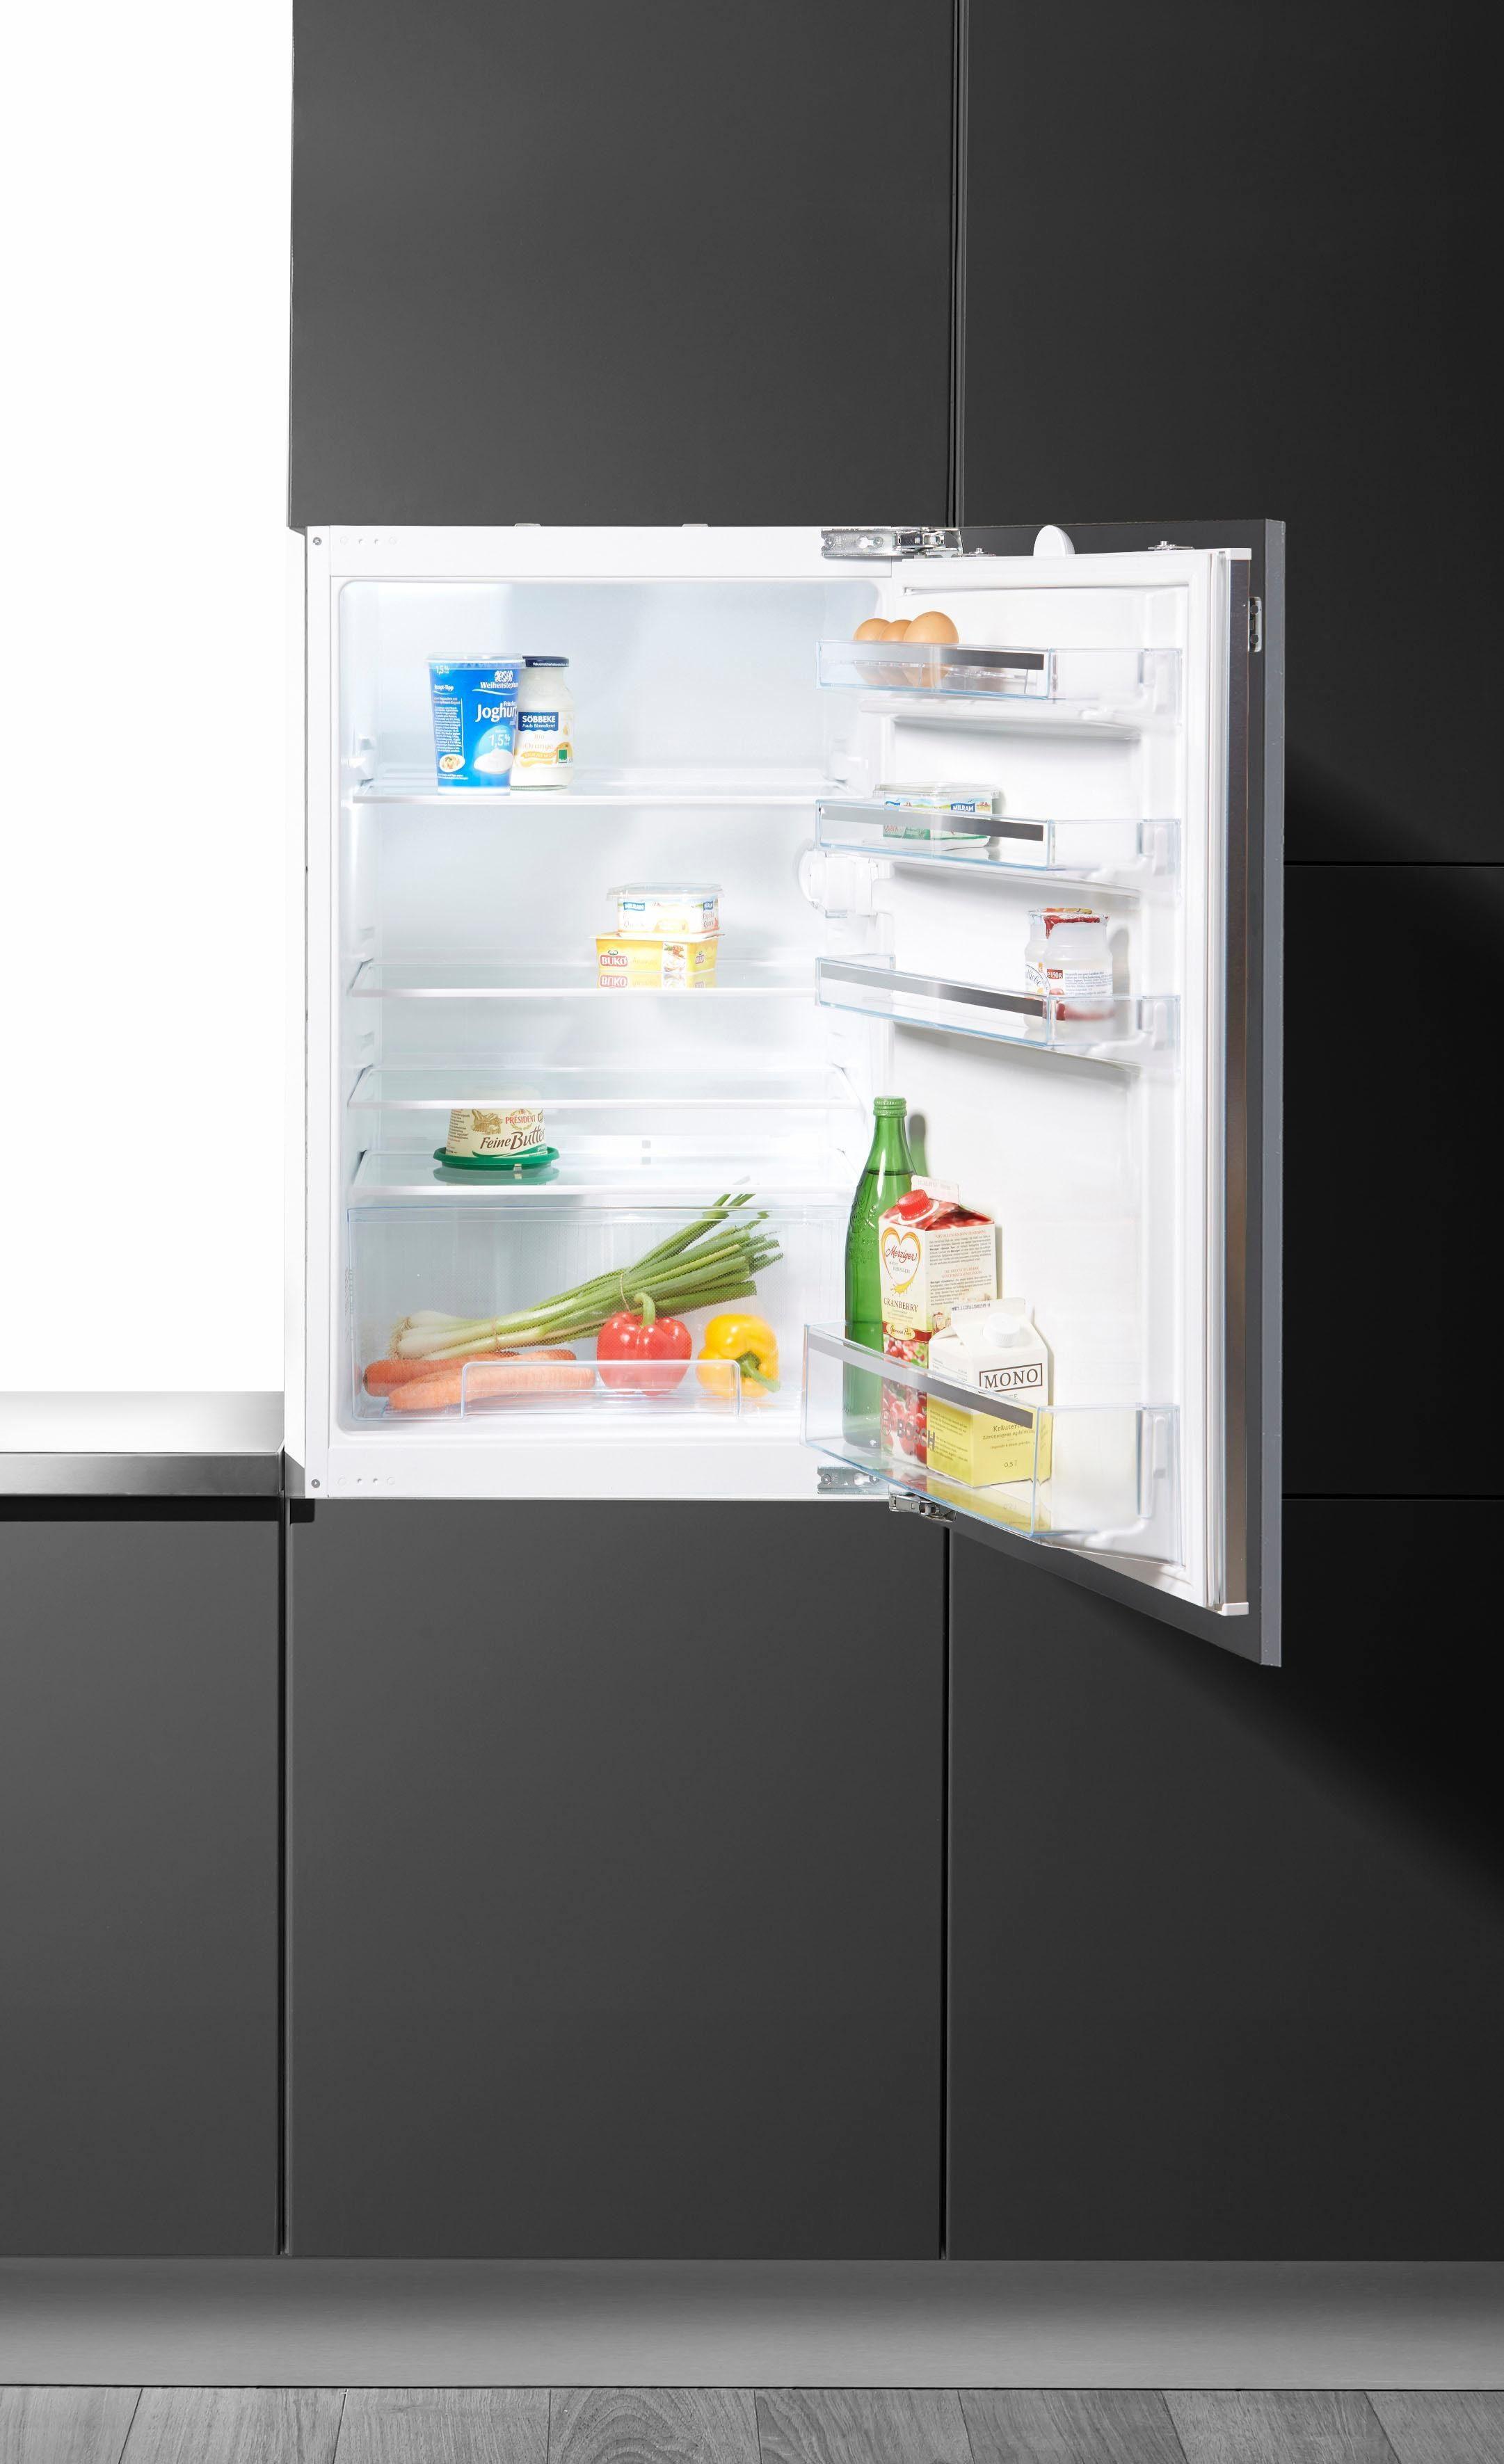 Bosch Einbau-Kühlschrank KIR18V51, A+, 87,4 cm